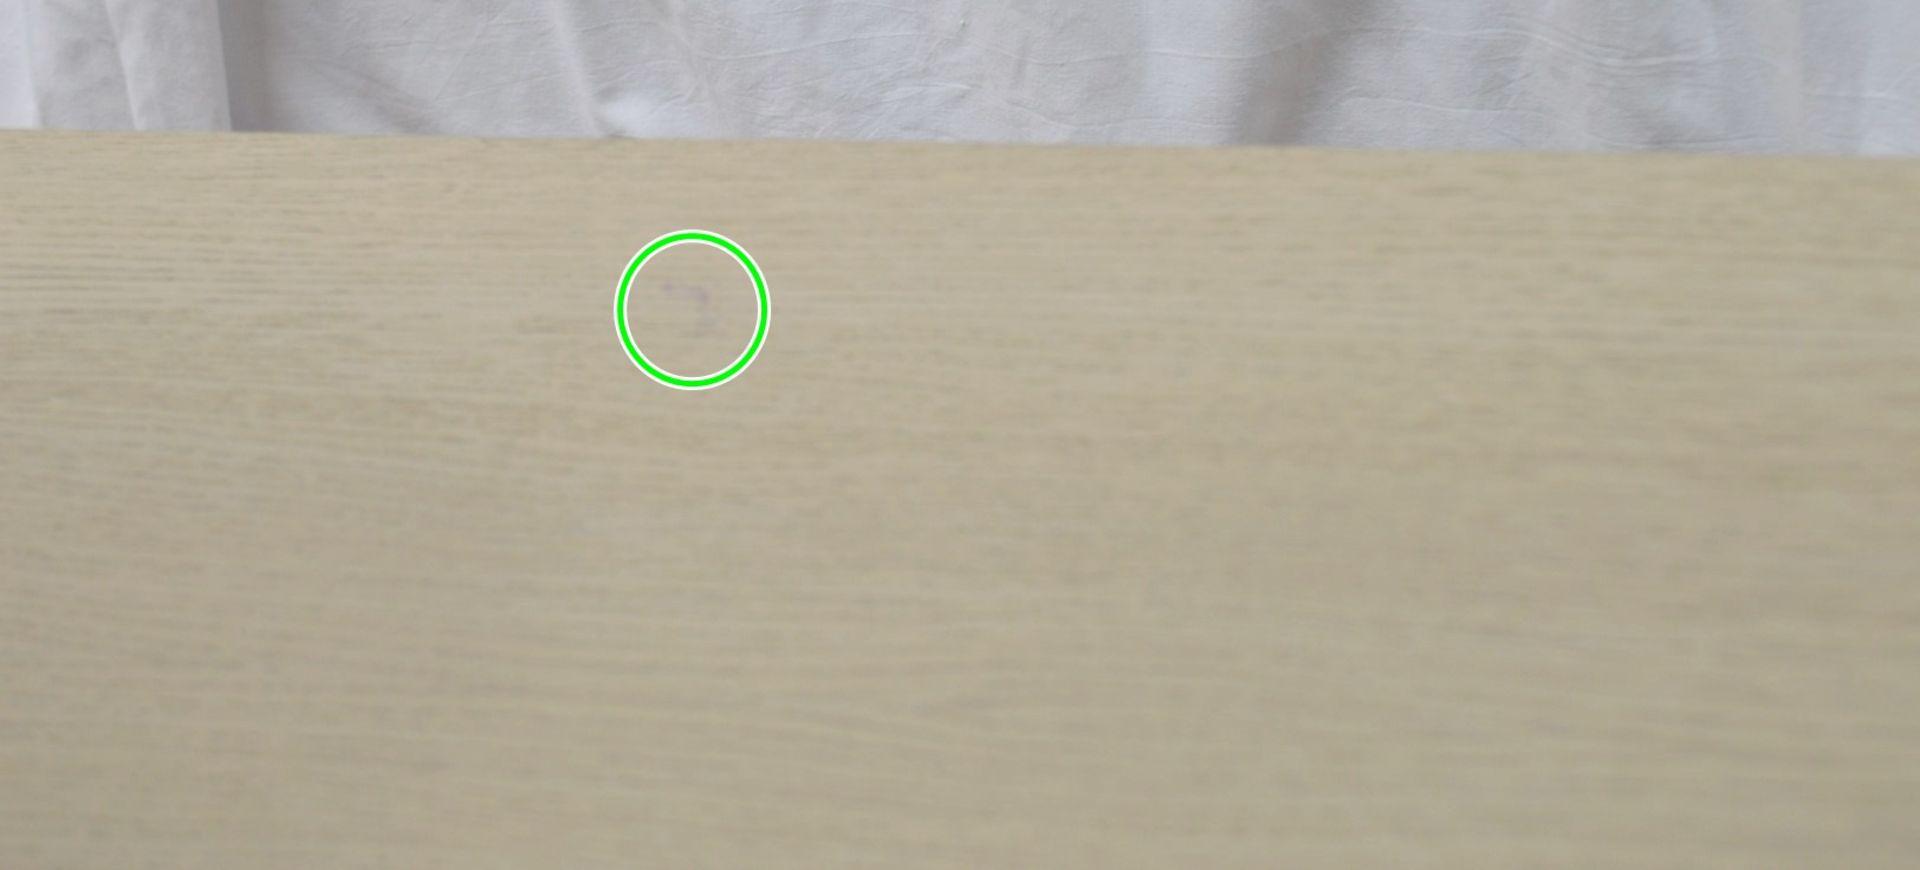 1 x JUSTIN VAN BREDA 'Monty' DesignerRegency-inspired3-Door Sideboard - Original RRP £9,700 - Image 7 of 16